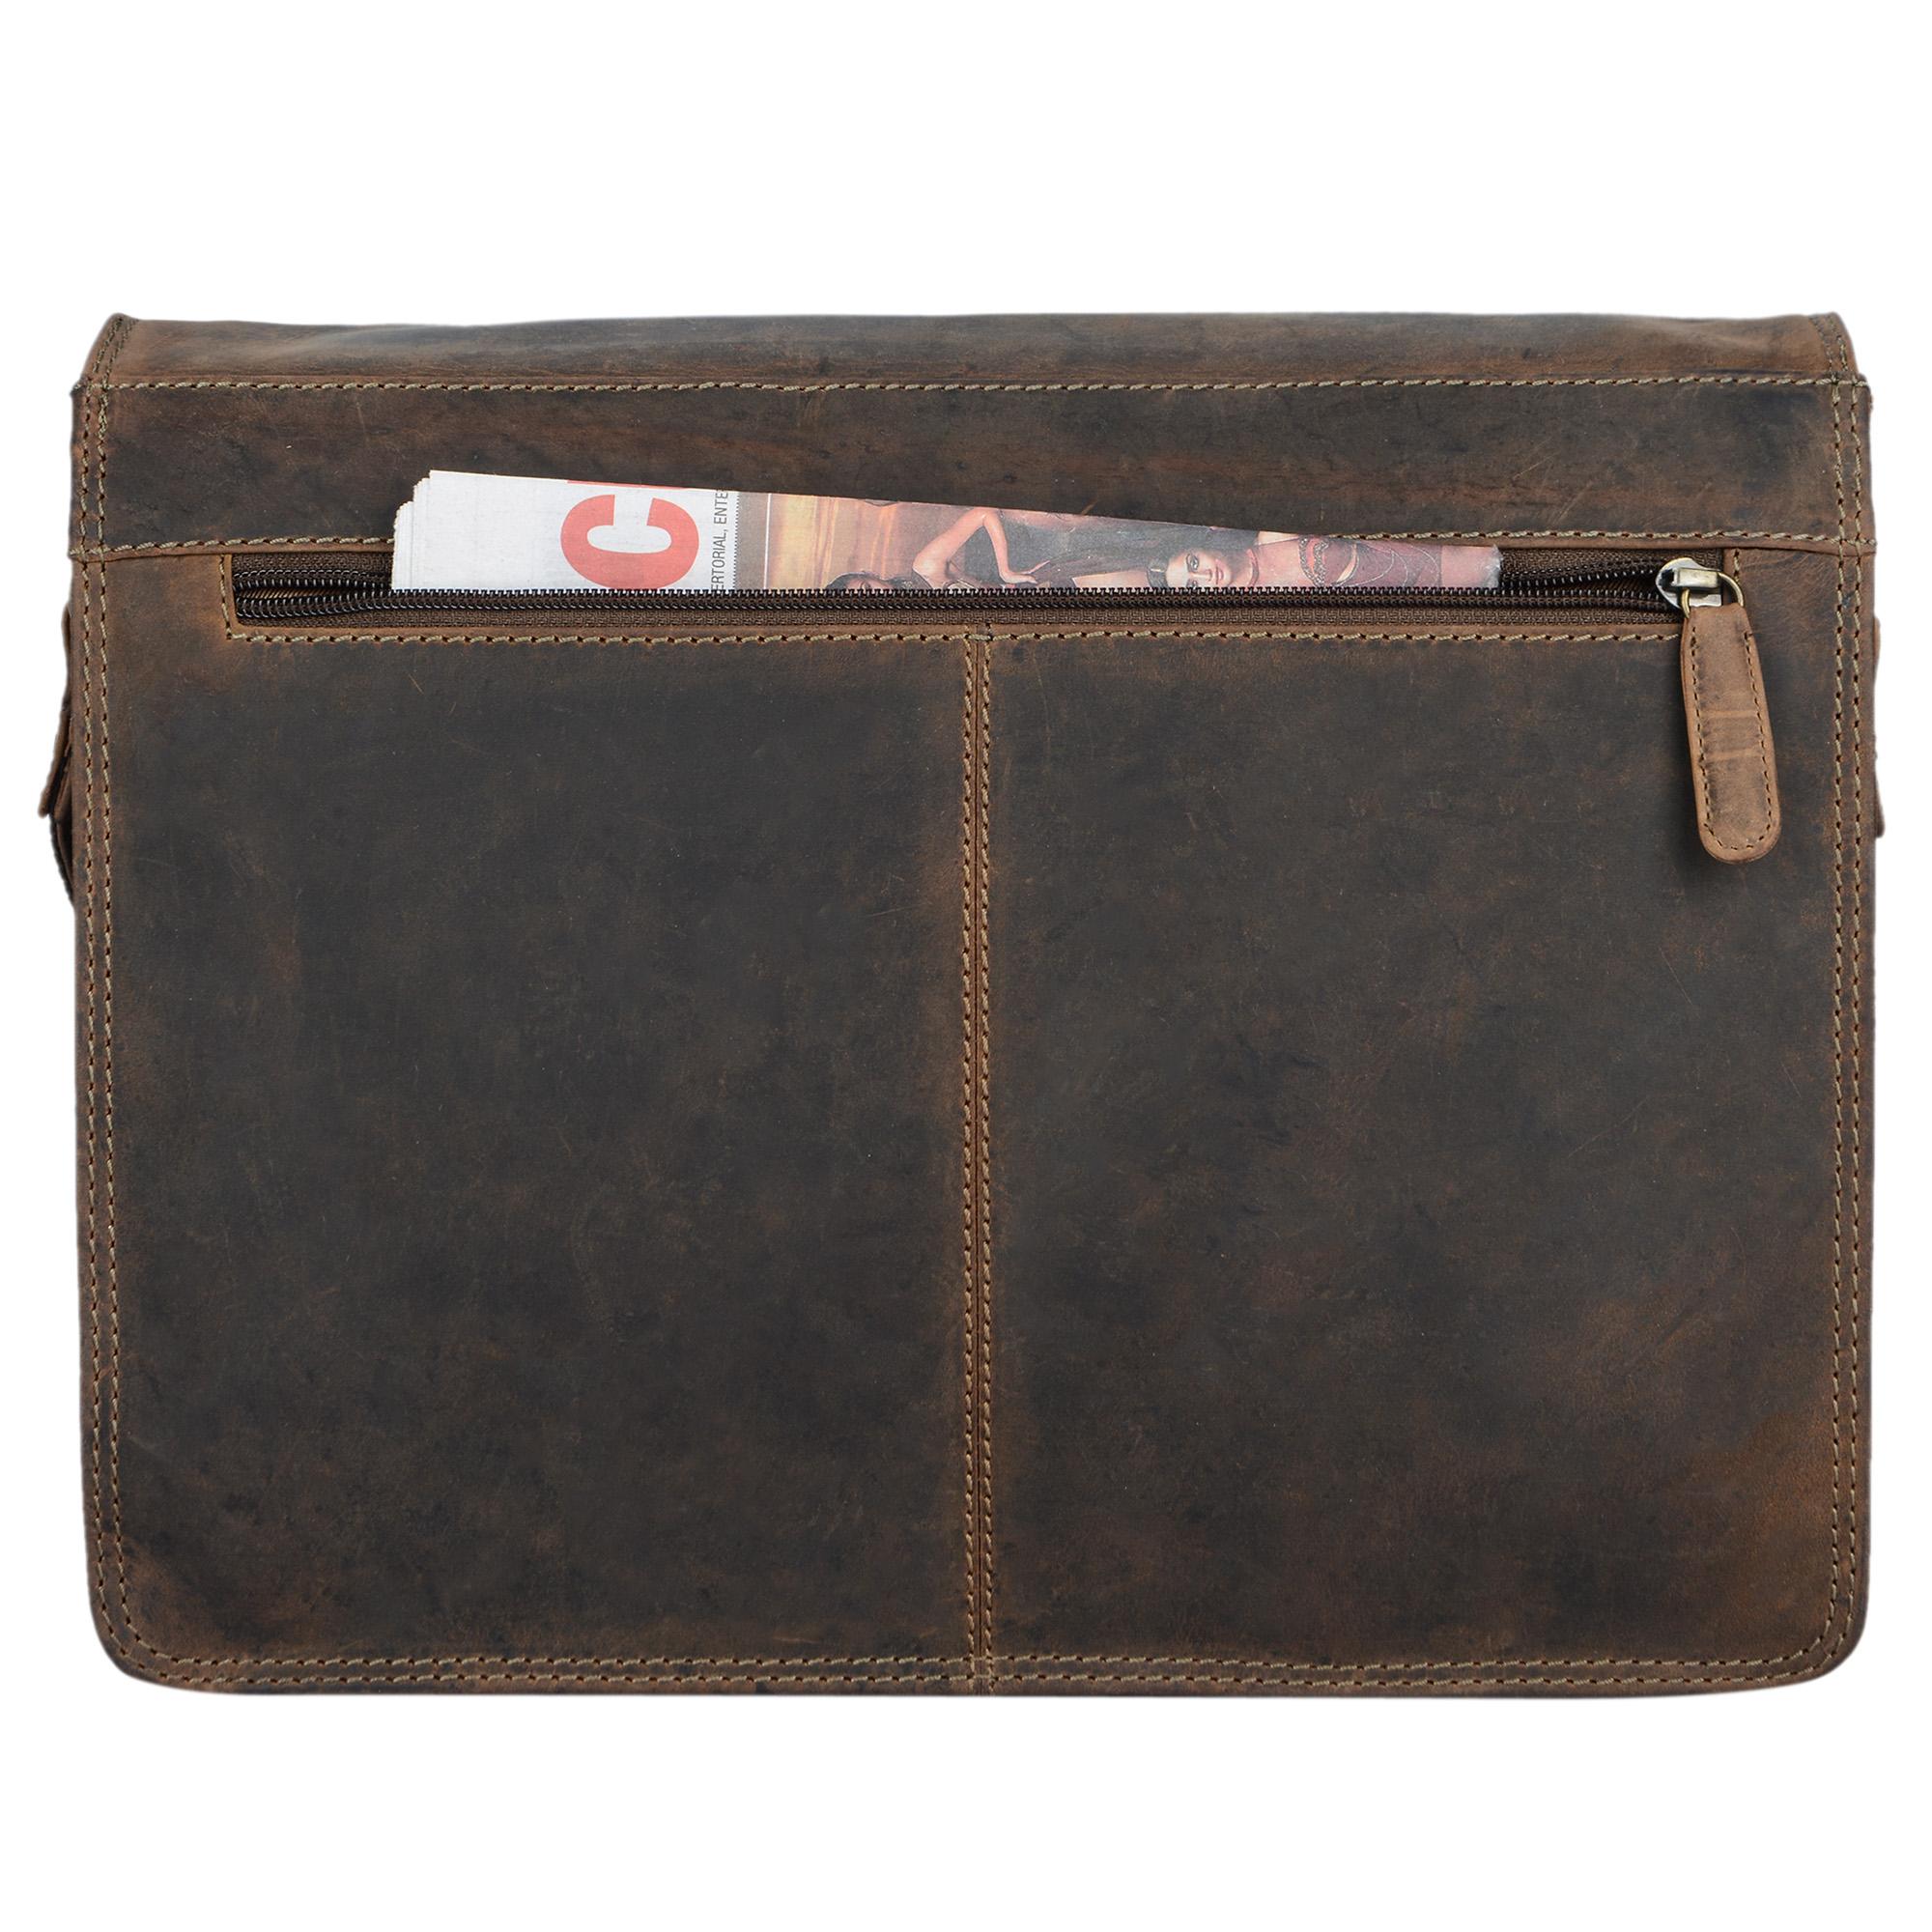 """STILORD """"Romeo"""" Kleine Aktentasche Leder für Herren Damen Vintage Businesstasche Bürotasche für DIN A4 Dokumente und 13,3 Zoll Laptops MacBooks aus echtem Leder - Bild 14"""